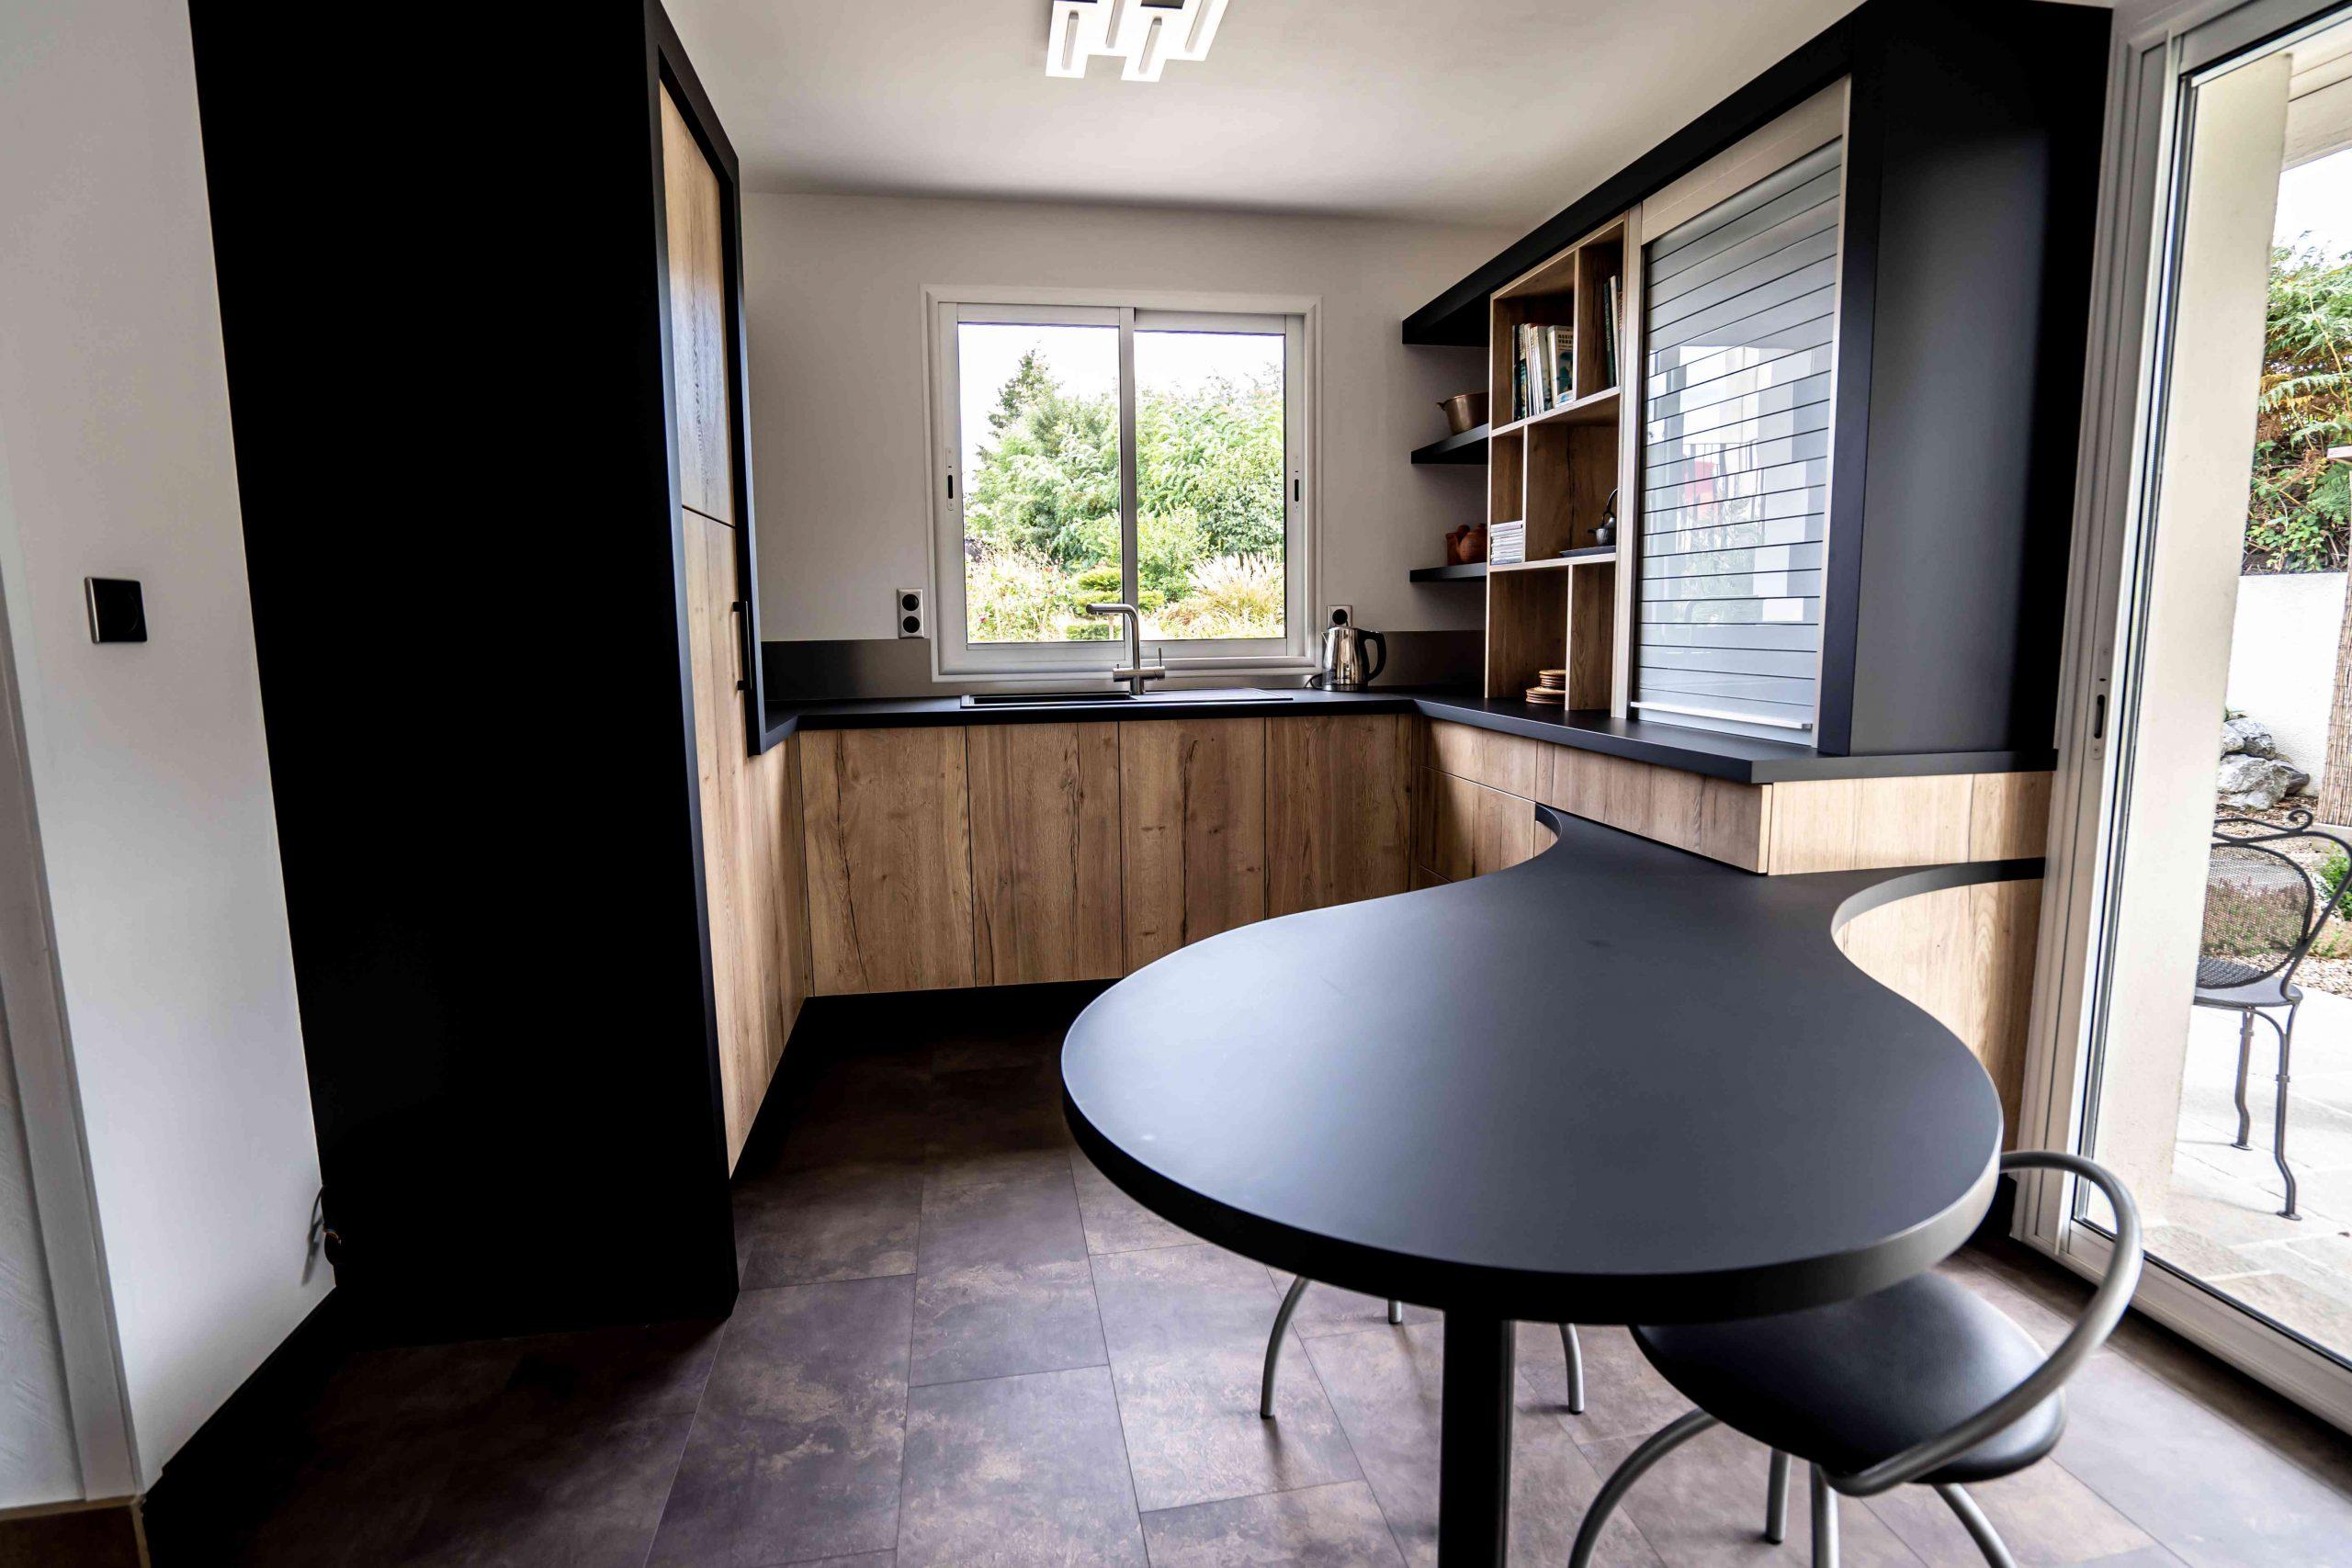 RDI01280 scaled - Cuisine noir et chêne avec table de repas arrondie